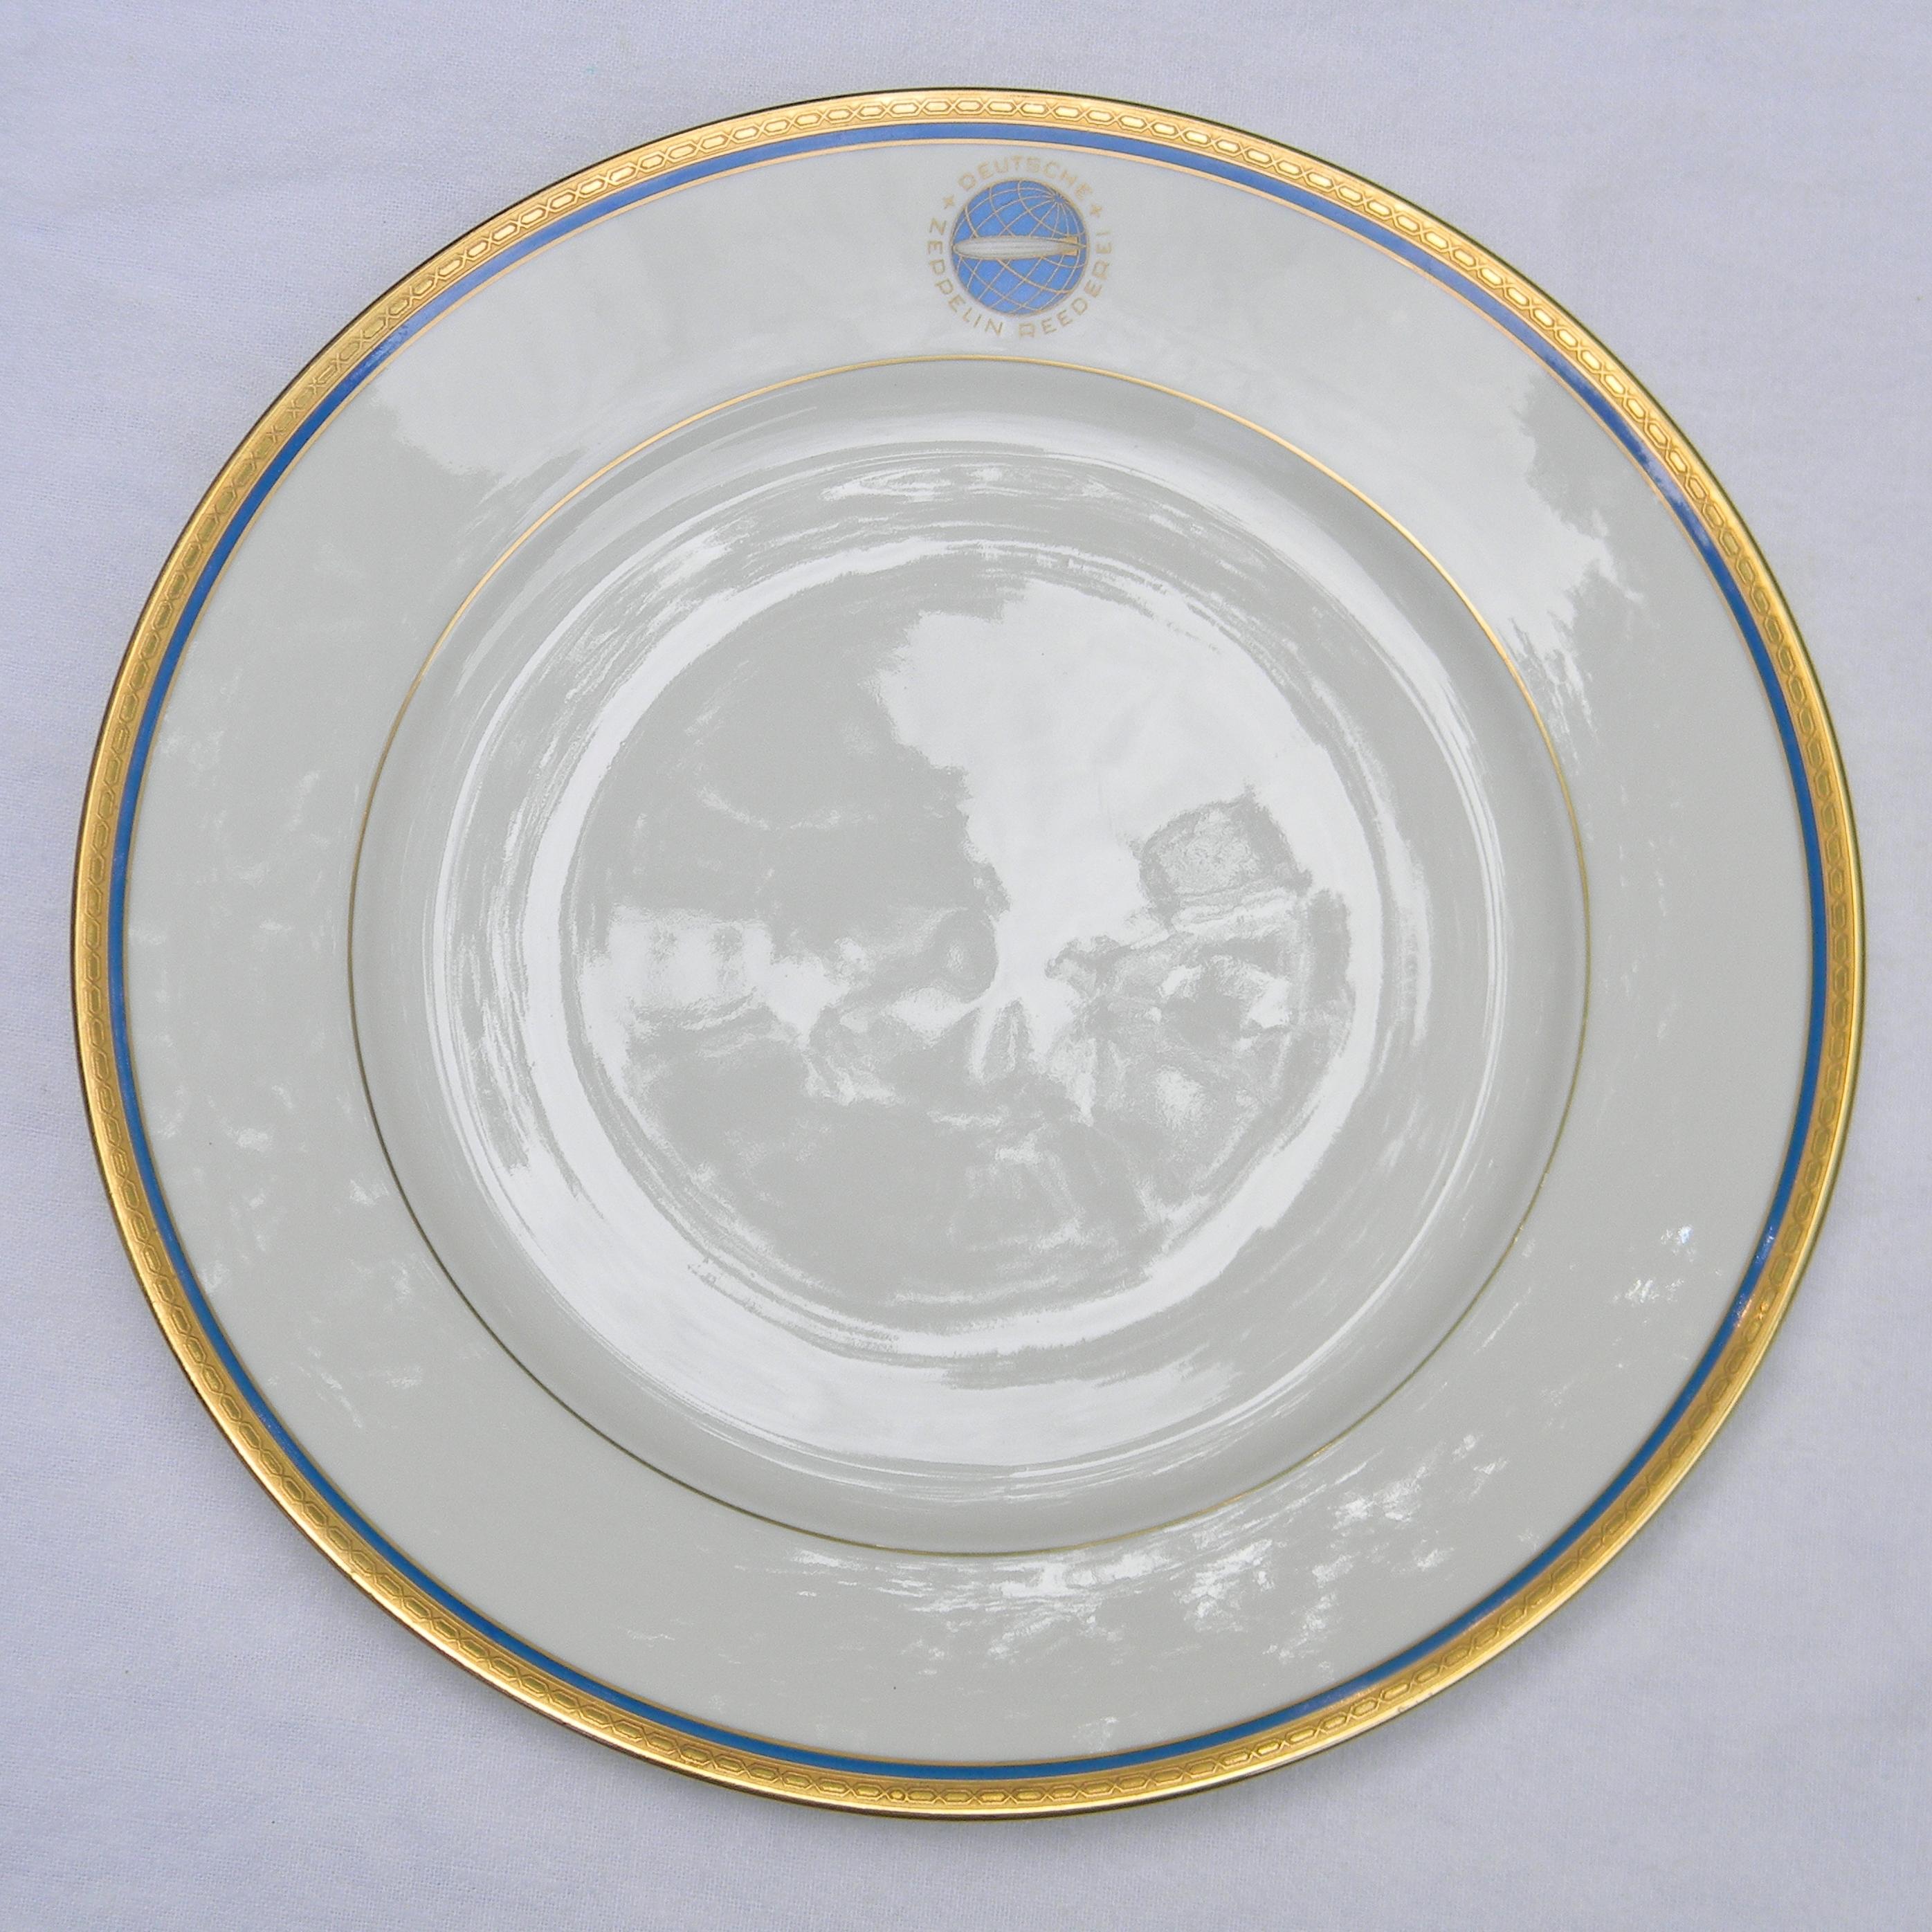 GRAF ZEPPELIN airship 9-5 inch dinner plate DEUTSCHE ZEPPELIN REEDEREI Heinrich Co  sc 1 st  Argo Coins u0026 Collectables & GRAF ZEPPELIN airship 9-5 inch dinner plate DEUTSCHE ZEPPELIN ...